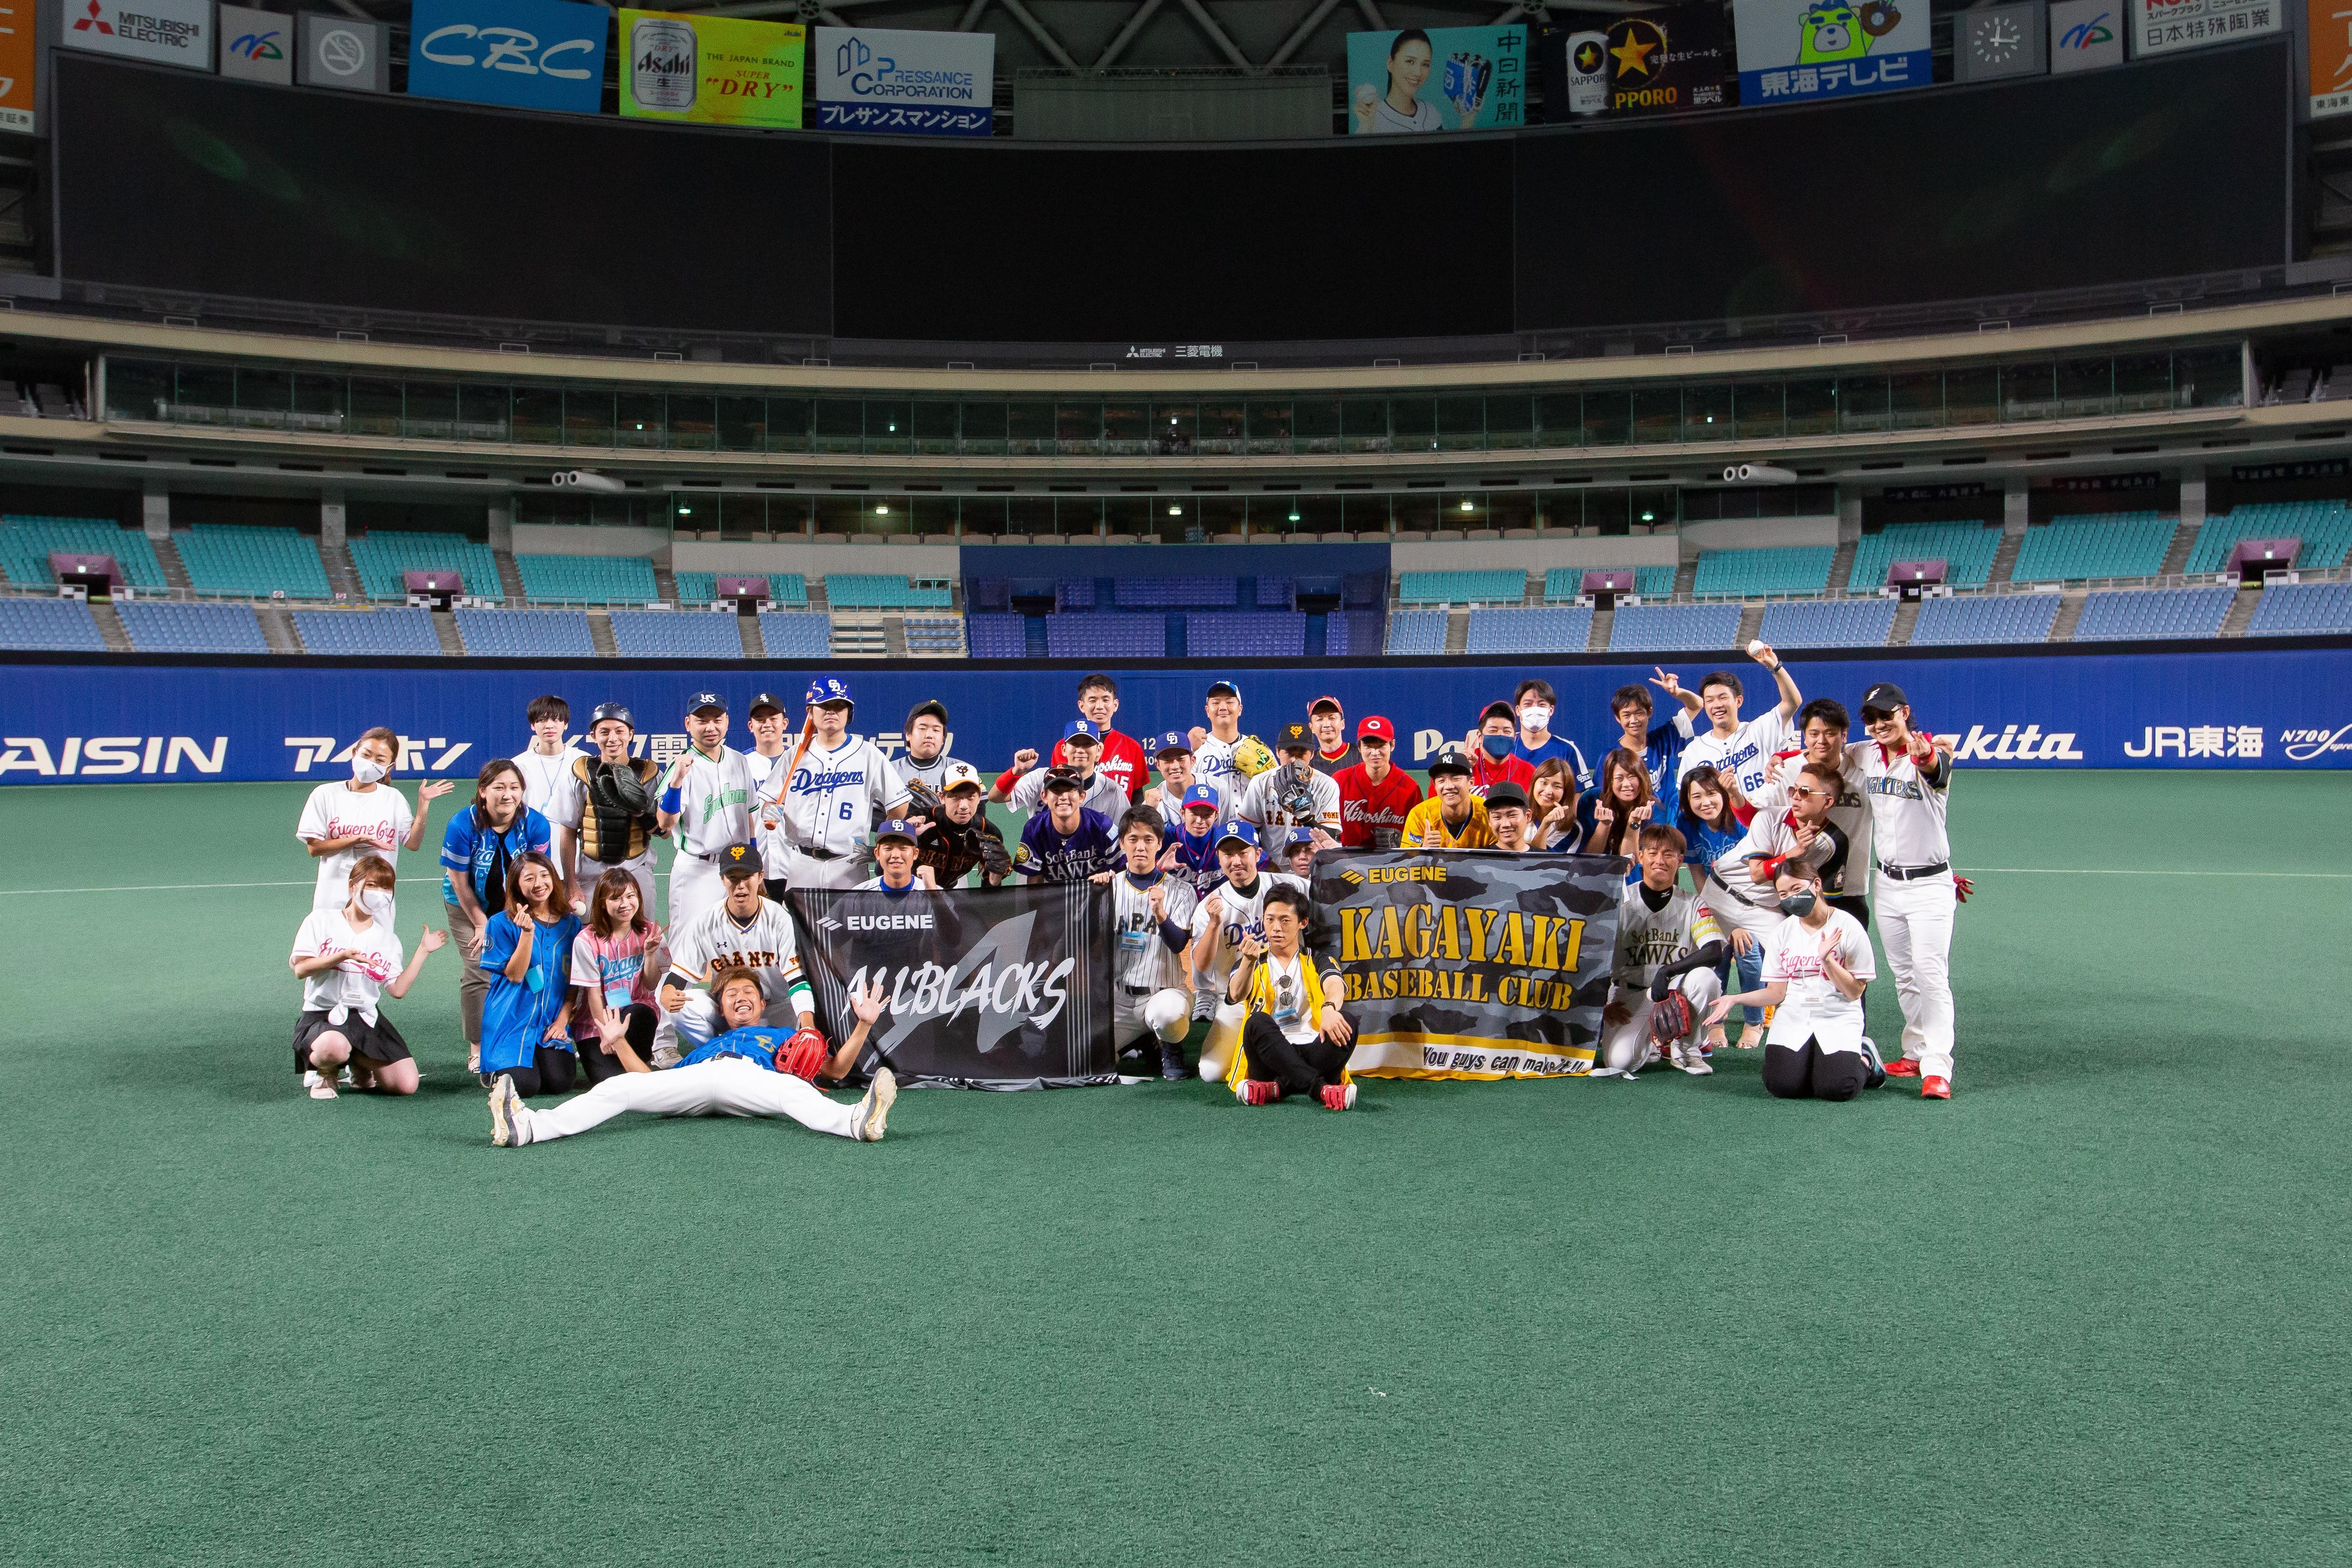 名古屋草野球革命(クサカク)